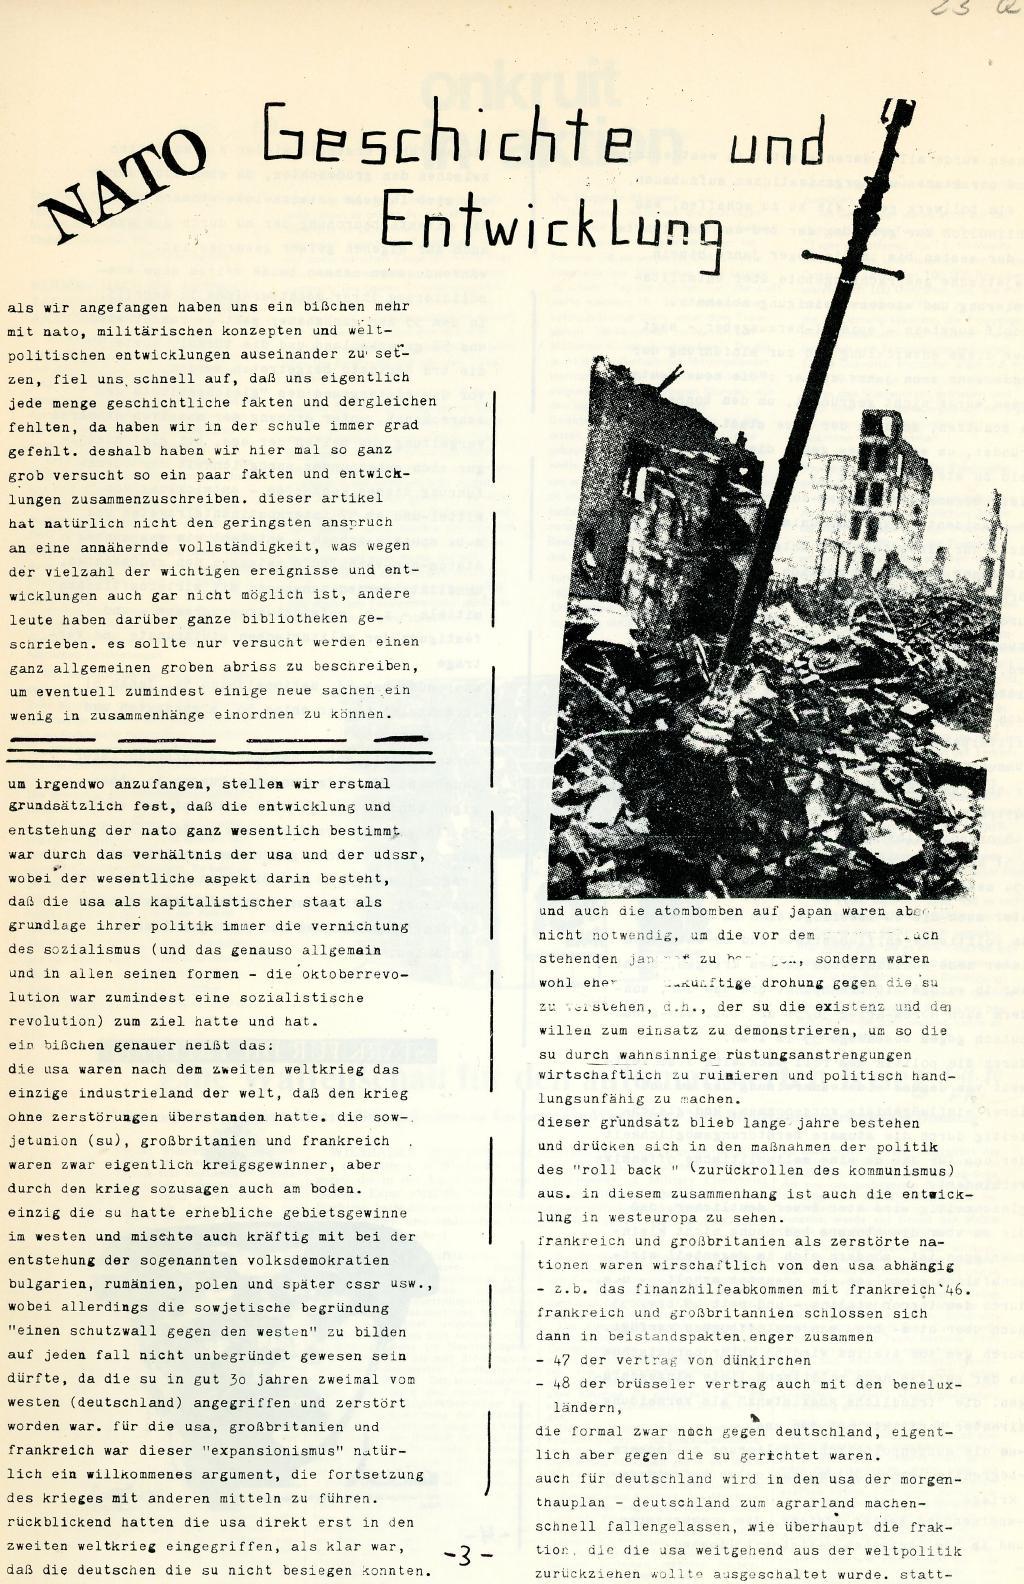 Bremen_1980_NATO_Broschuere_03